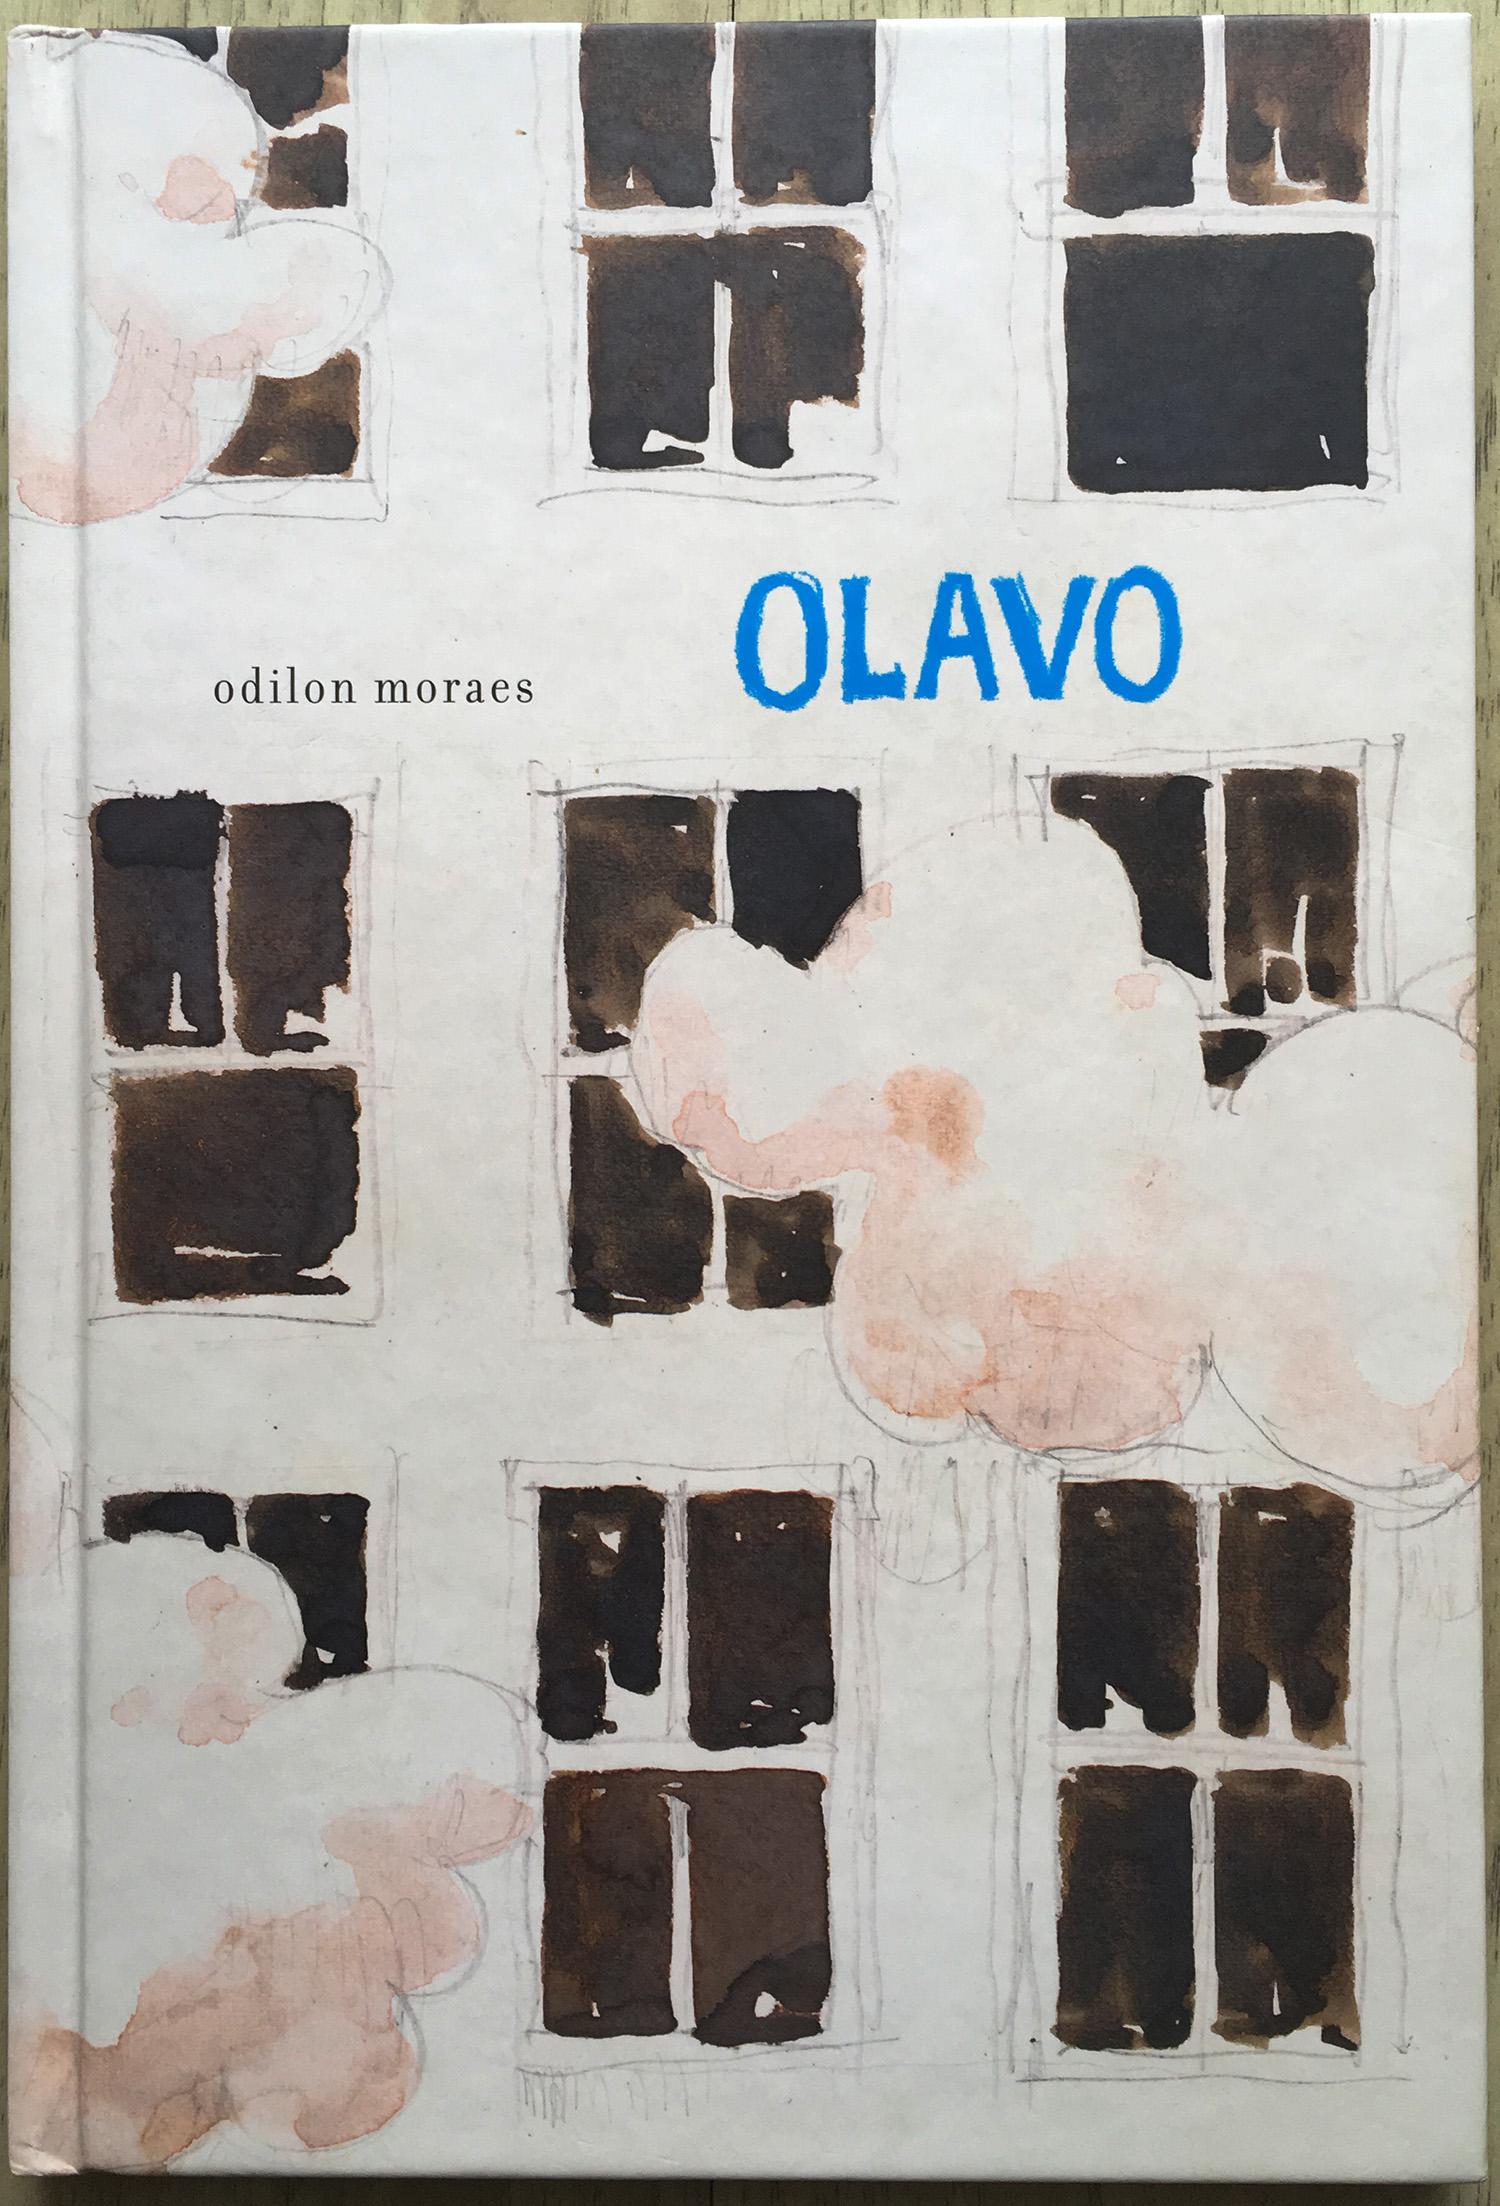 OLAVOCAPAP